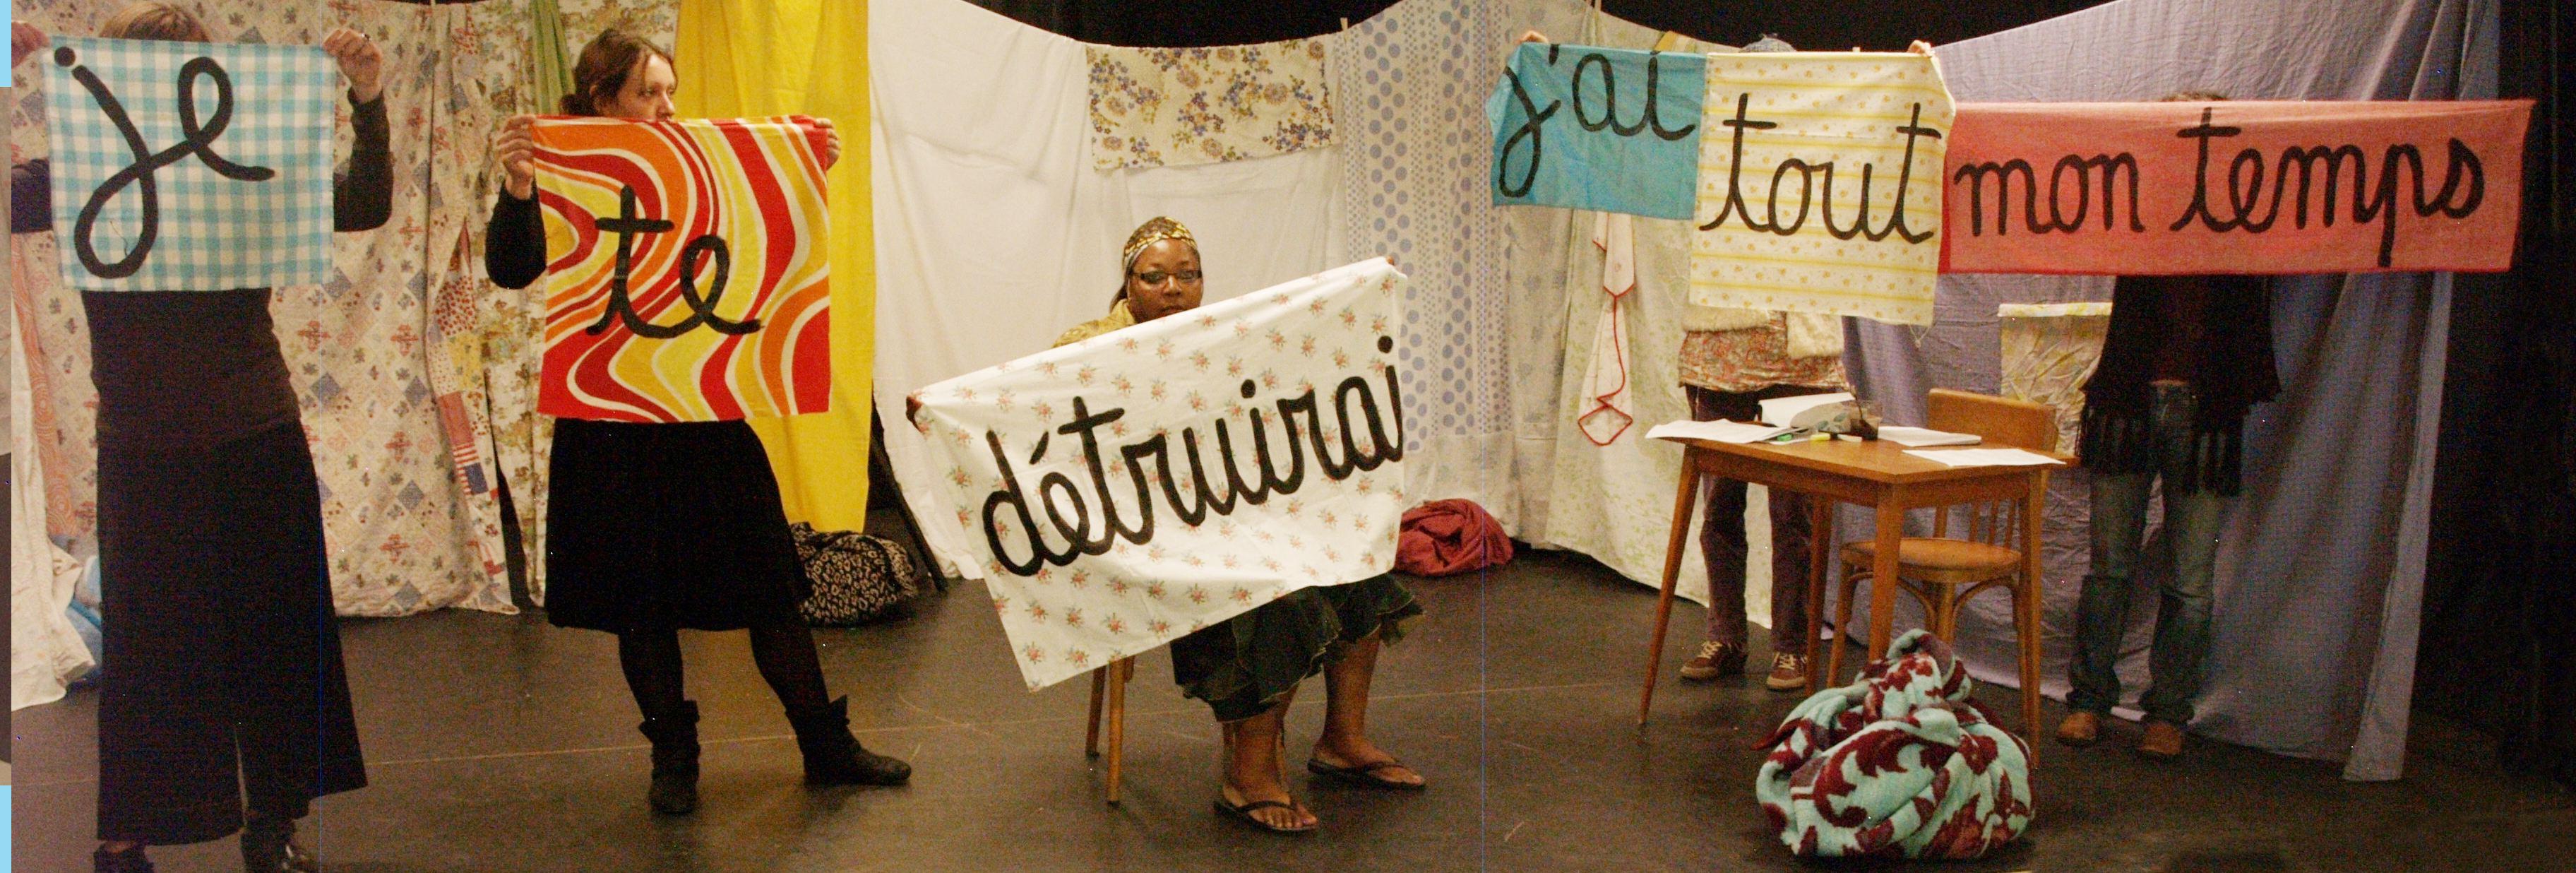 les femmes tiennent chacune une bannière avec un mot: je, te, détruirai, j'ai, tout, mon, temps